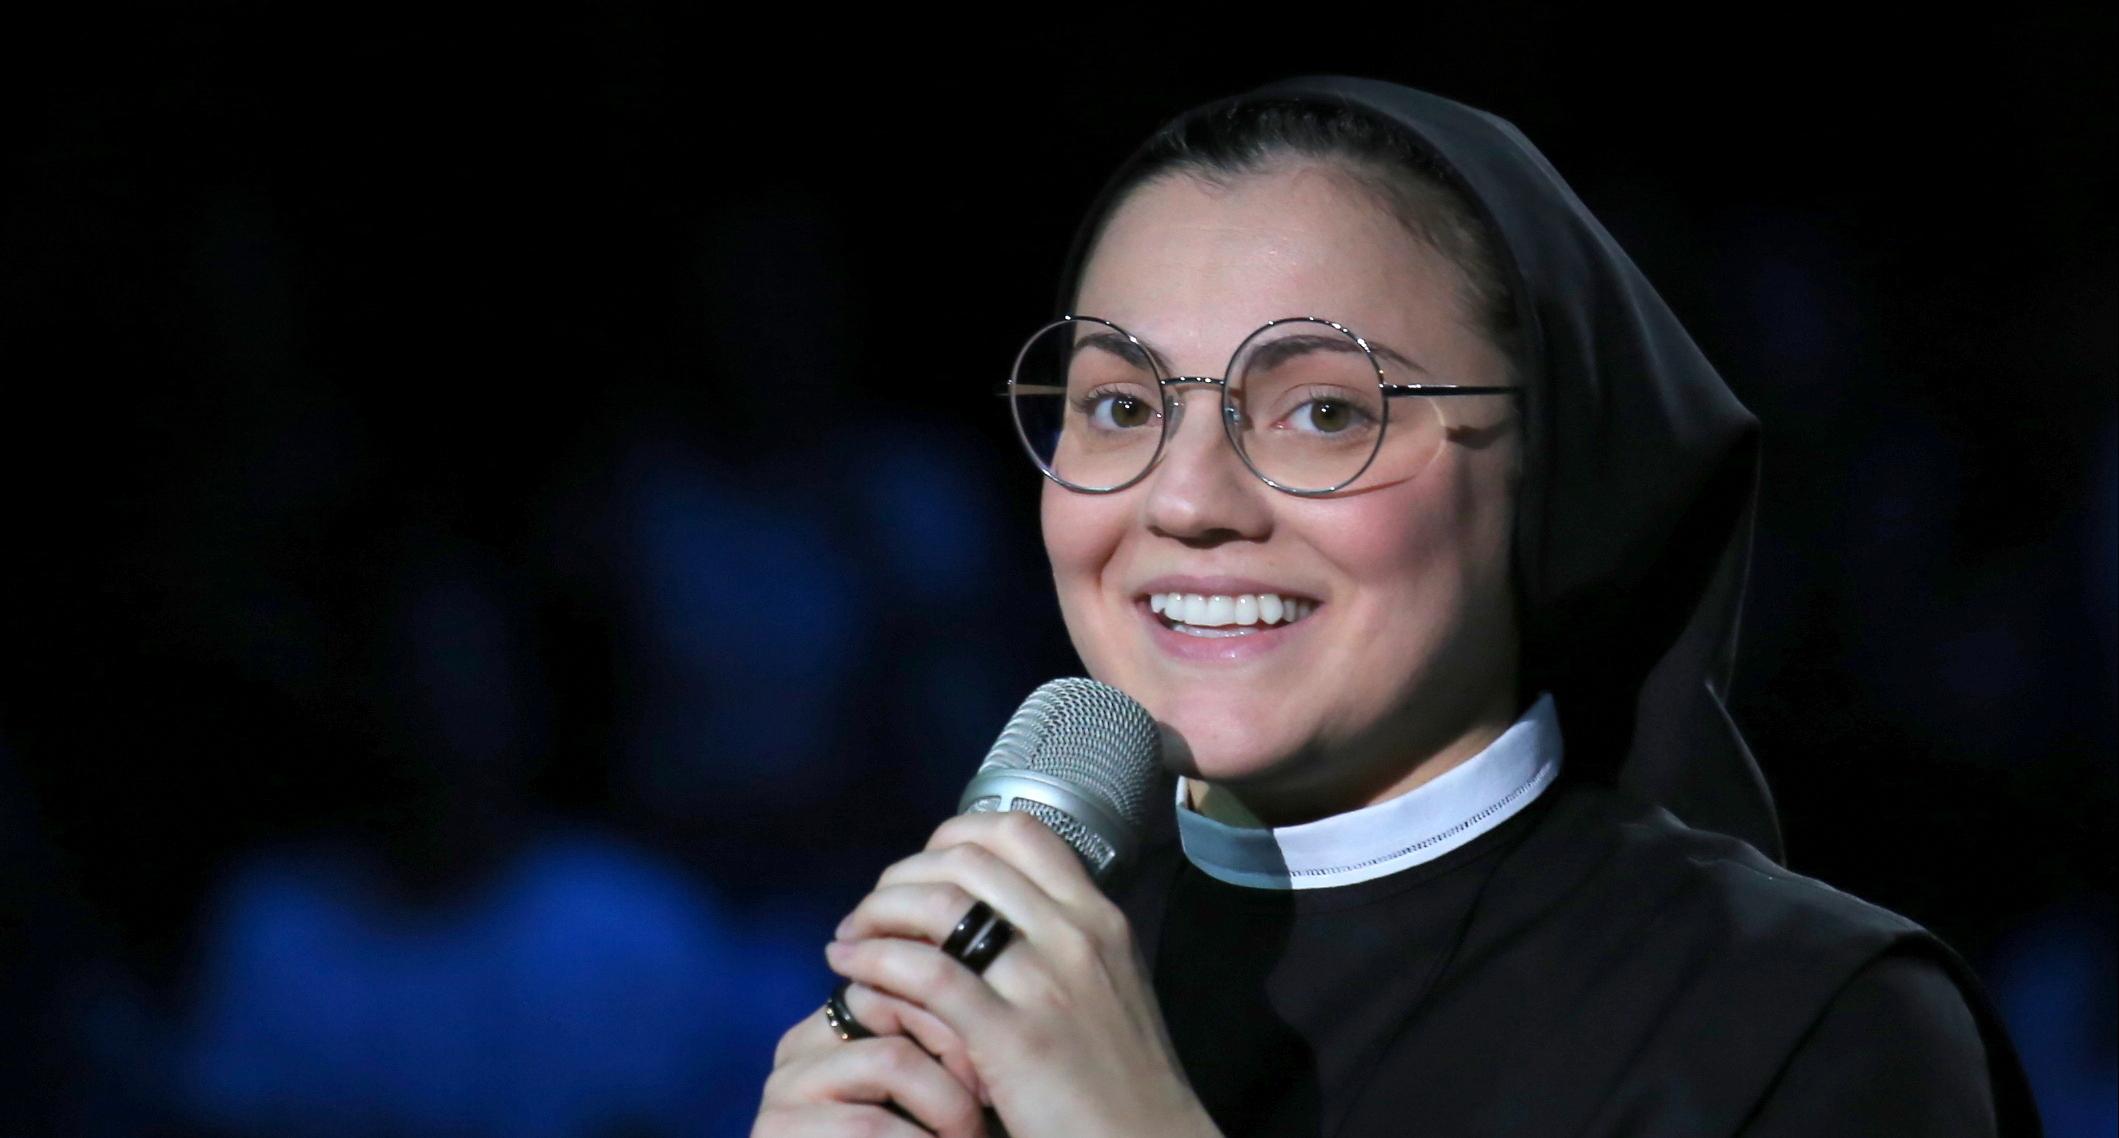 Suor Cristina - Wikipedia